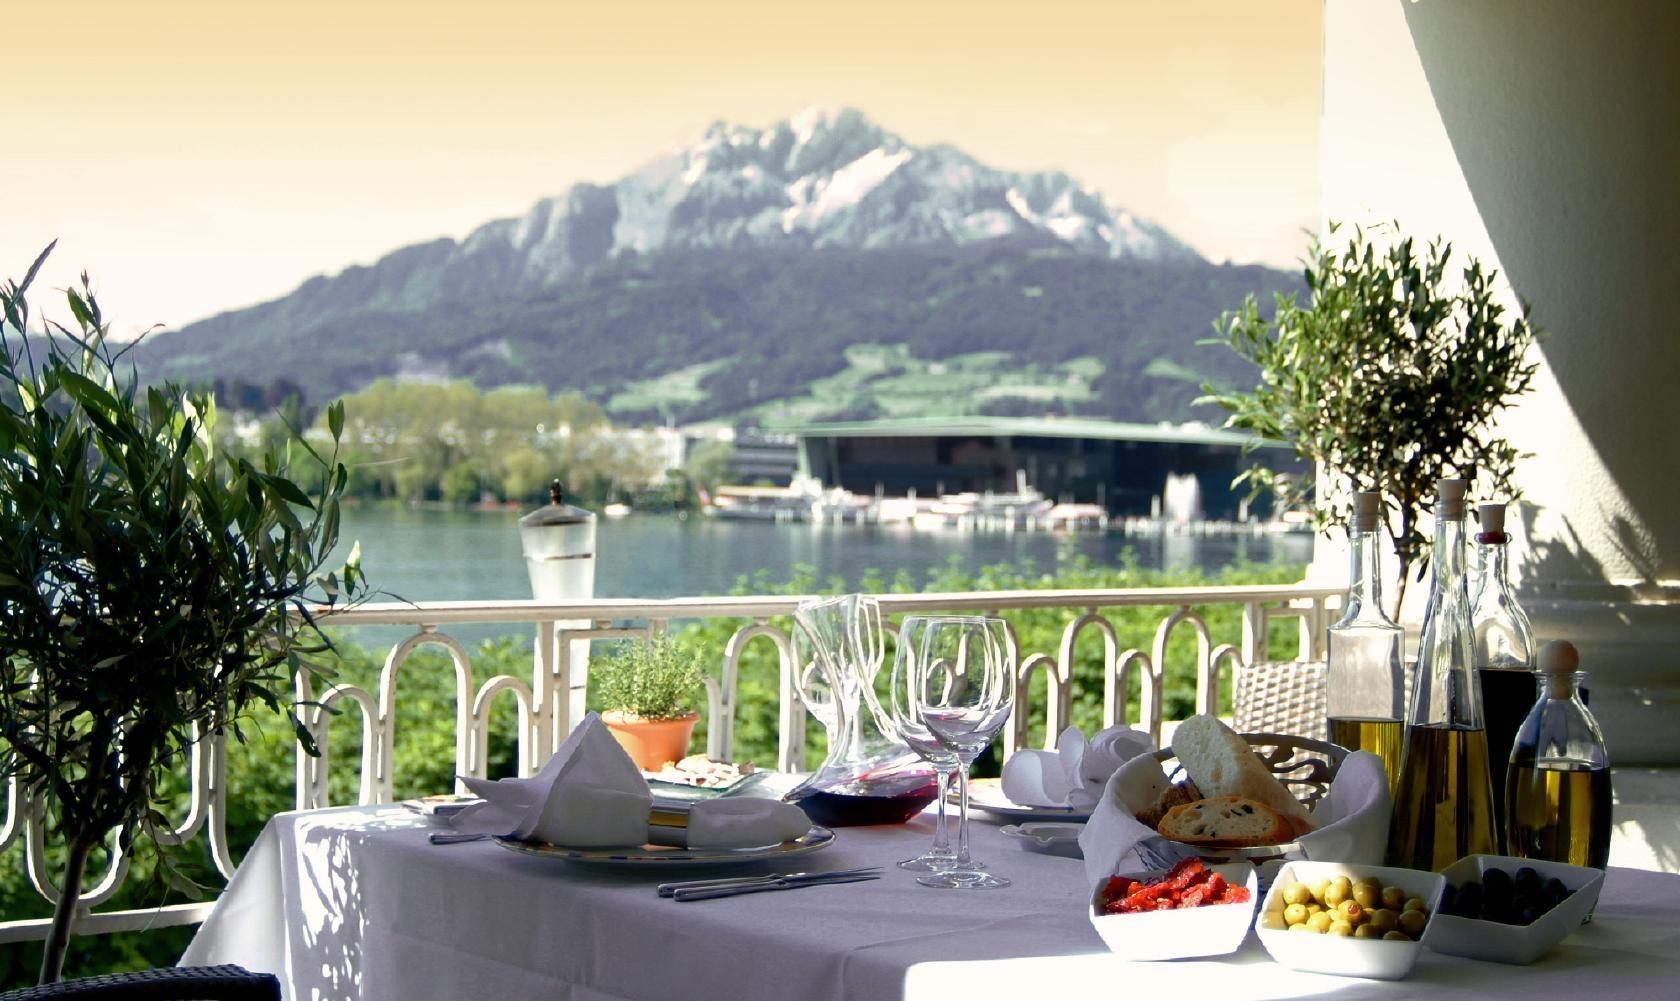 سويسرا لوسيرن اجمل اماكن التسوق والمطاعم مطعم اوليفو